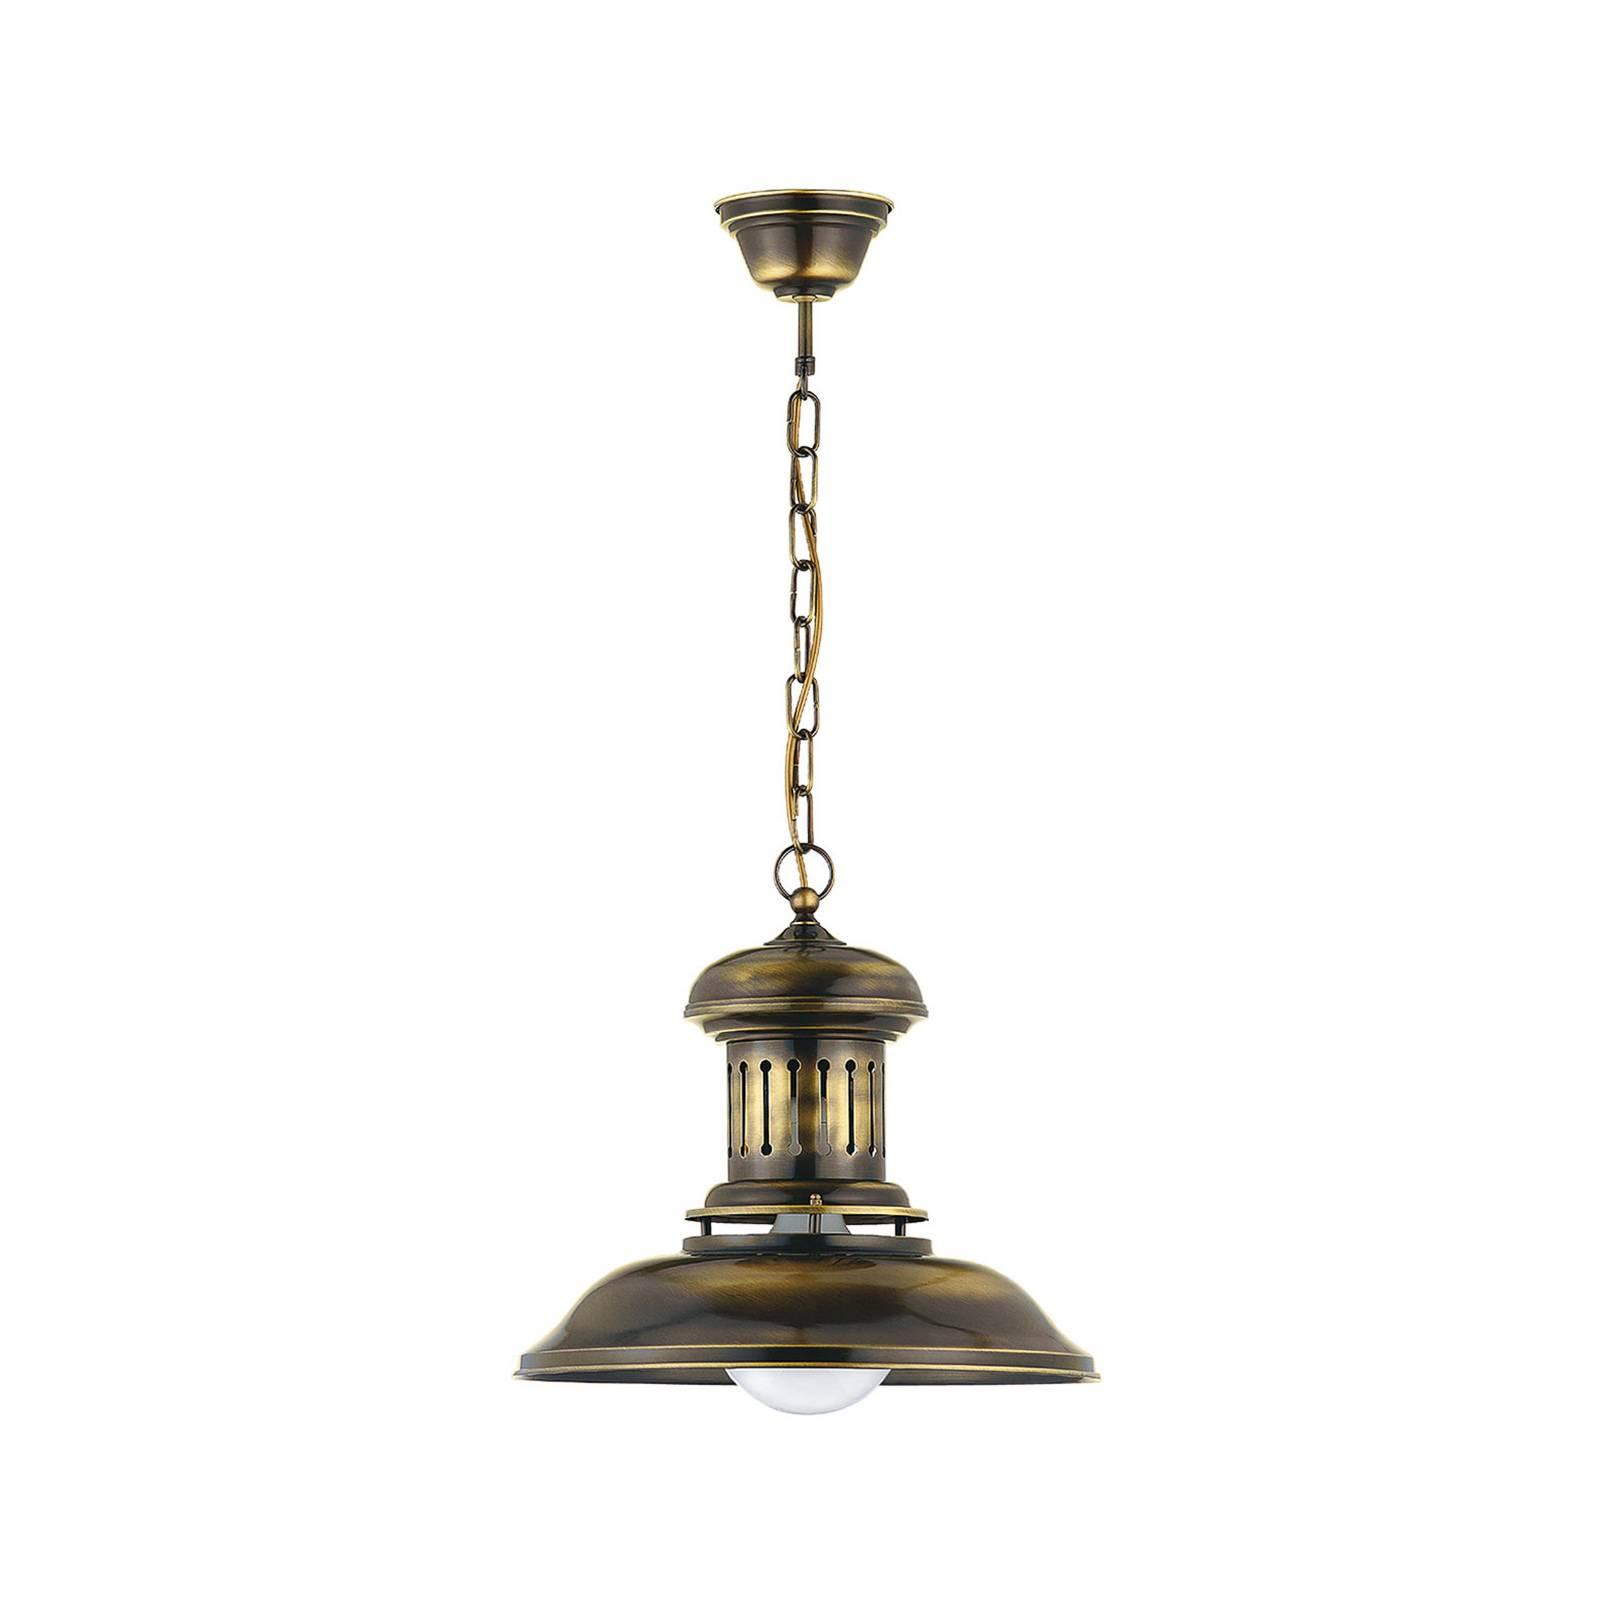 Hängeleuchte Bell, einflammig, messing antik